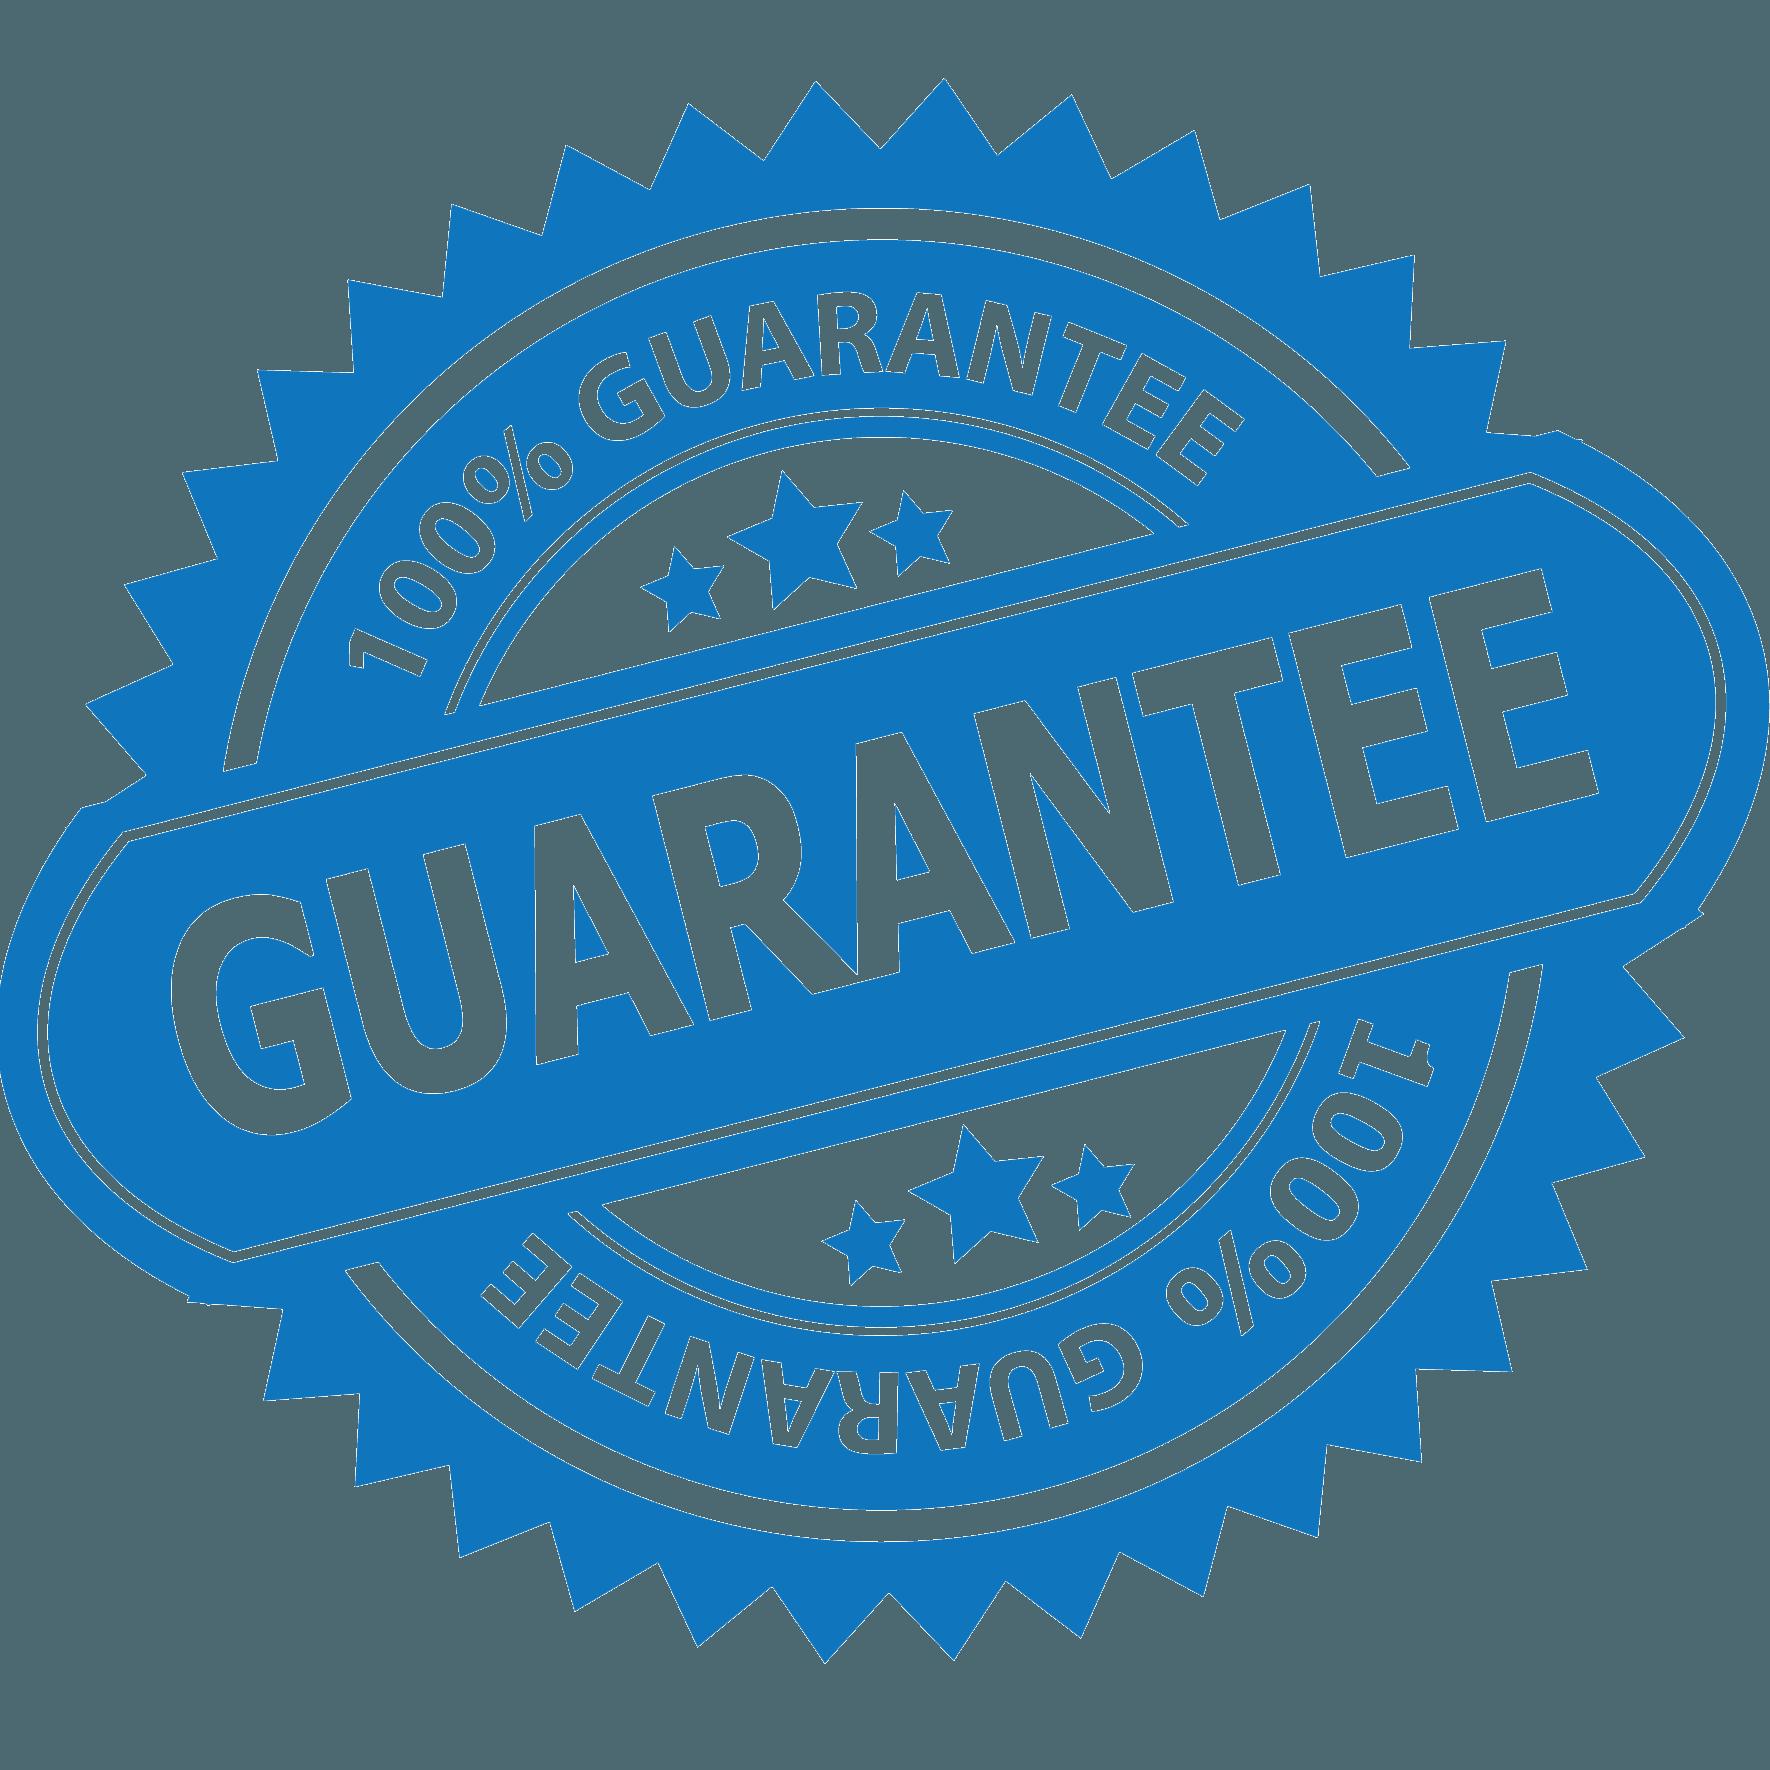 Auto-Parts-Otago-icon-1770x1770-358w